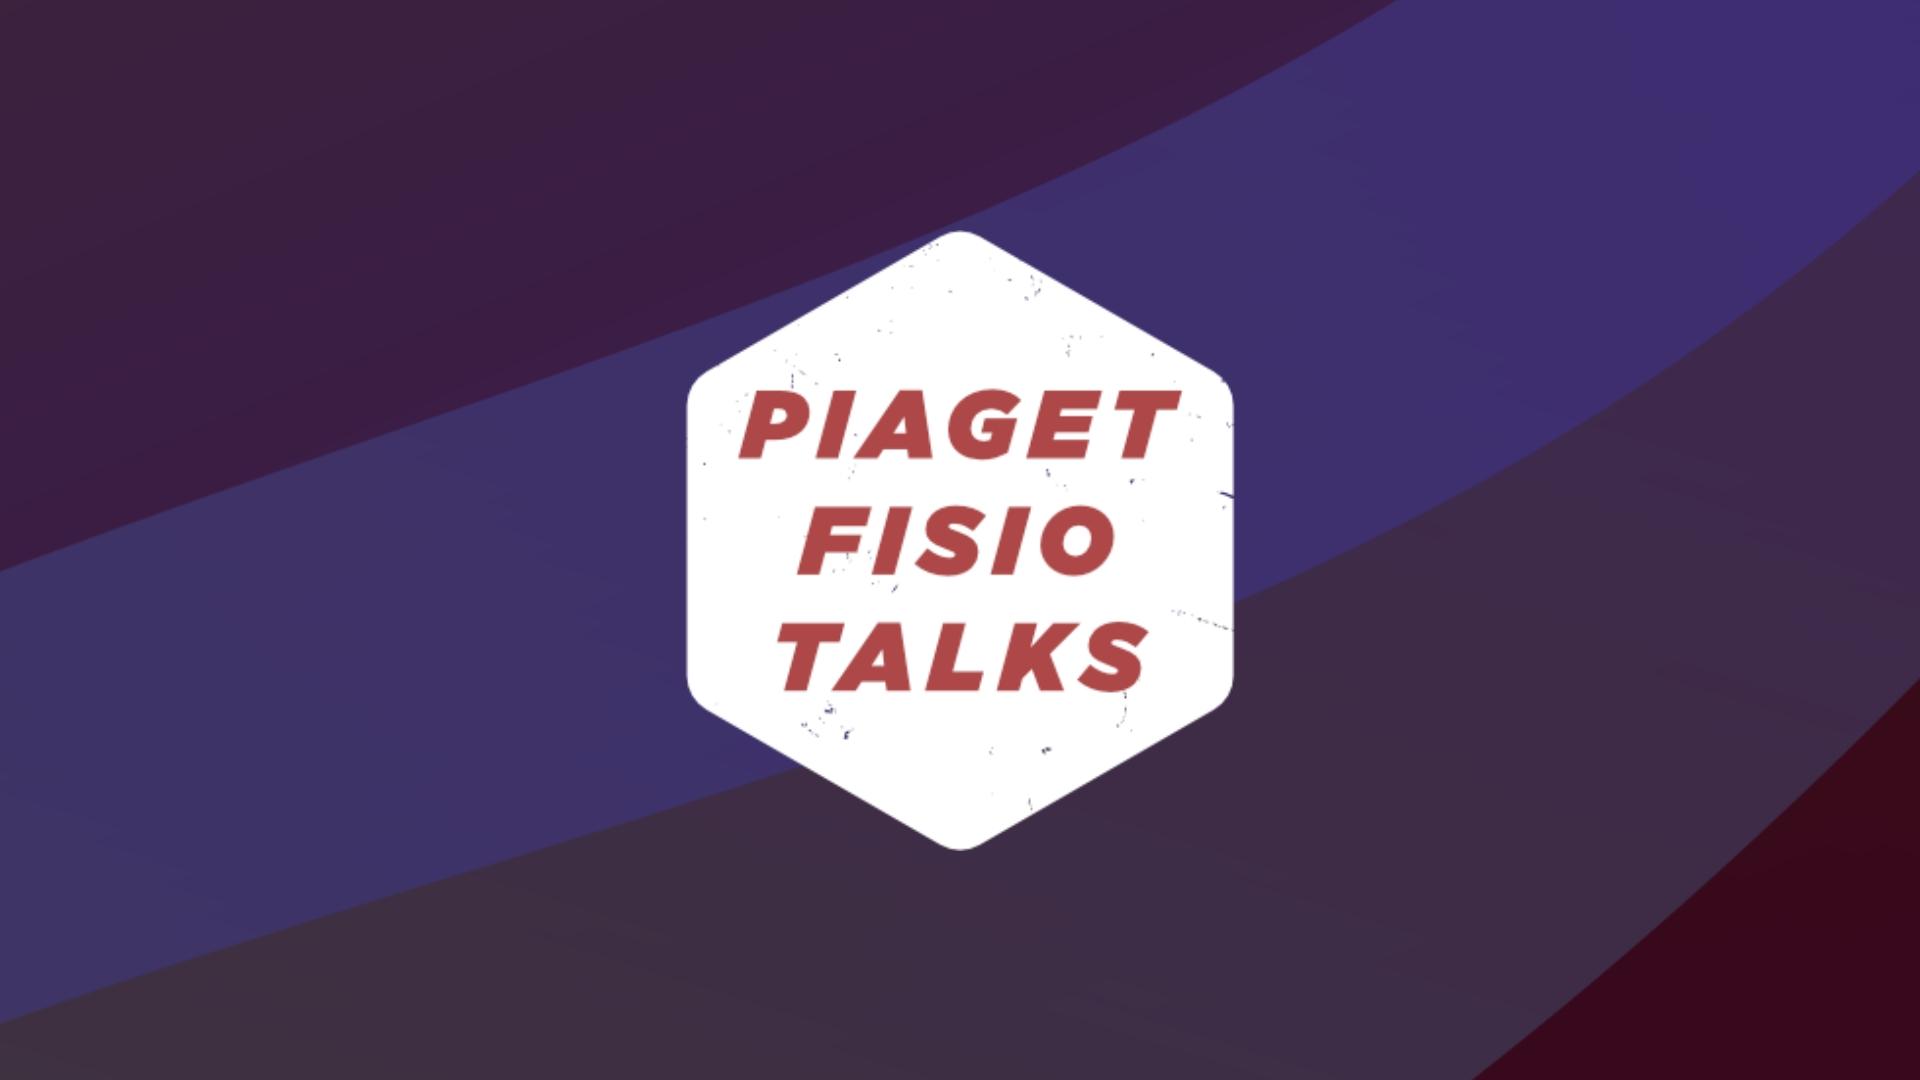 26 de maio é dia de Piaget Fisio Talk